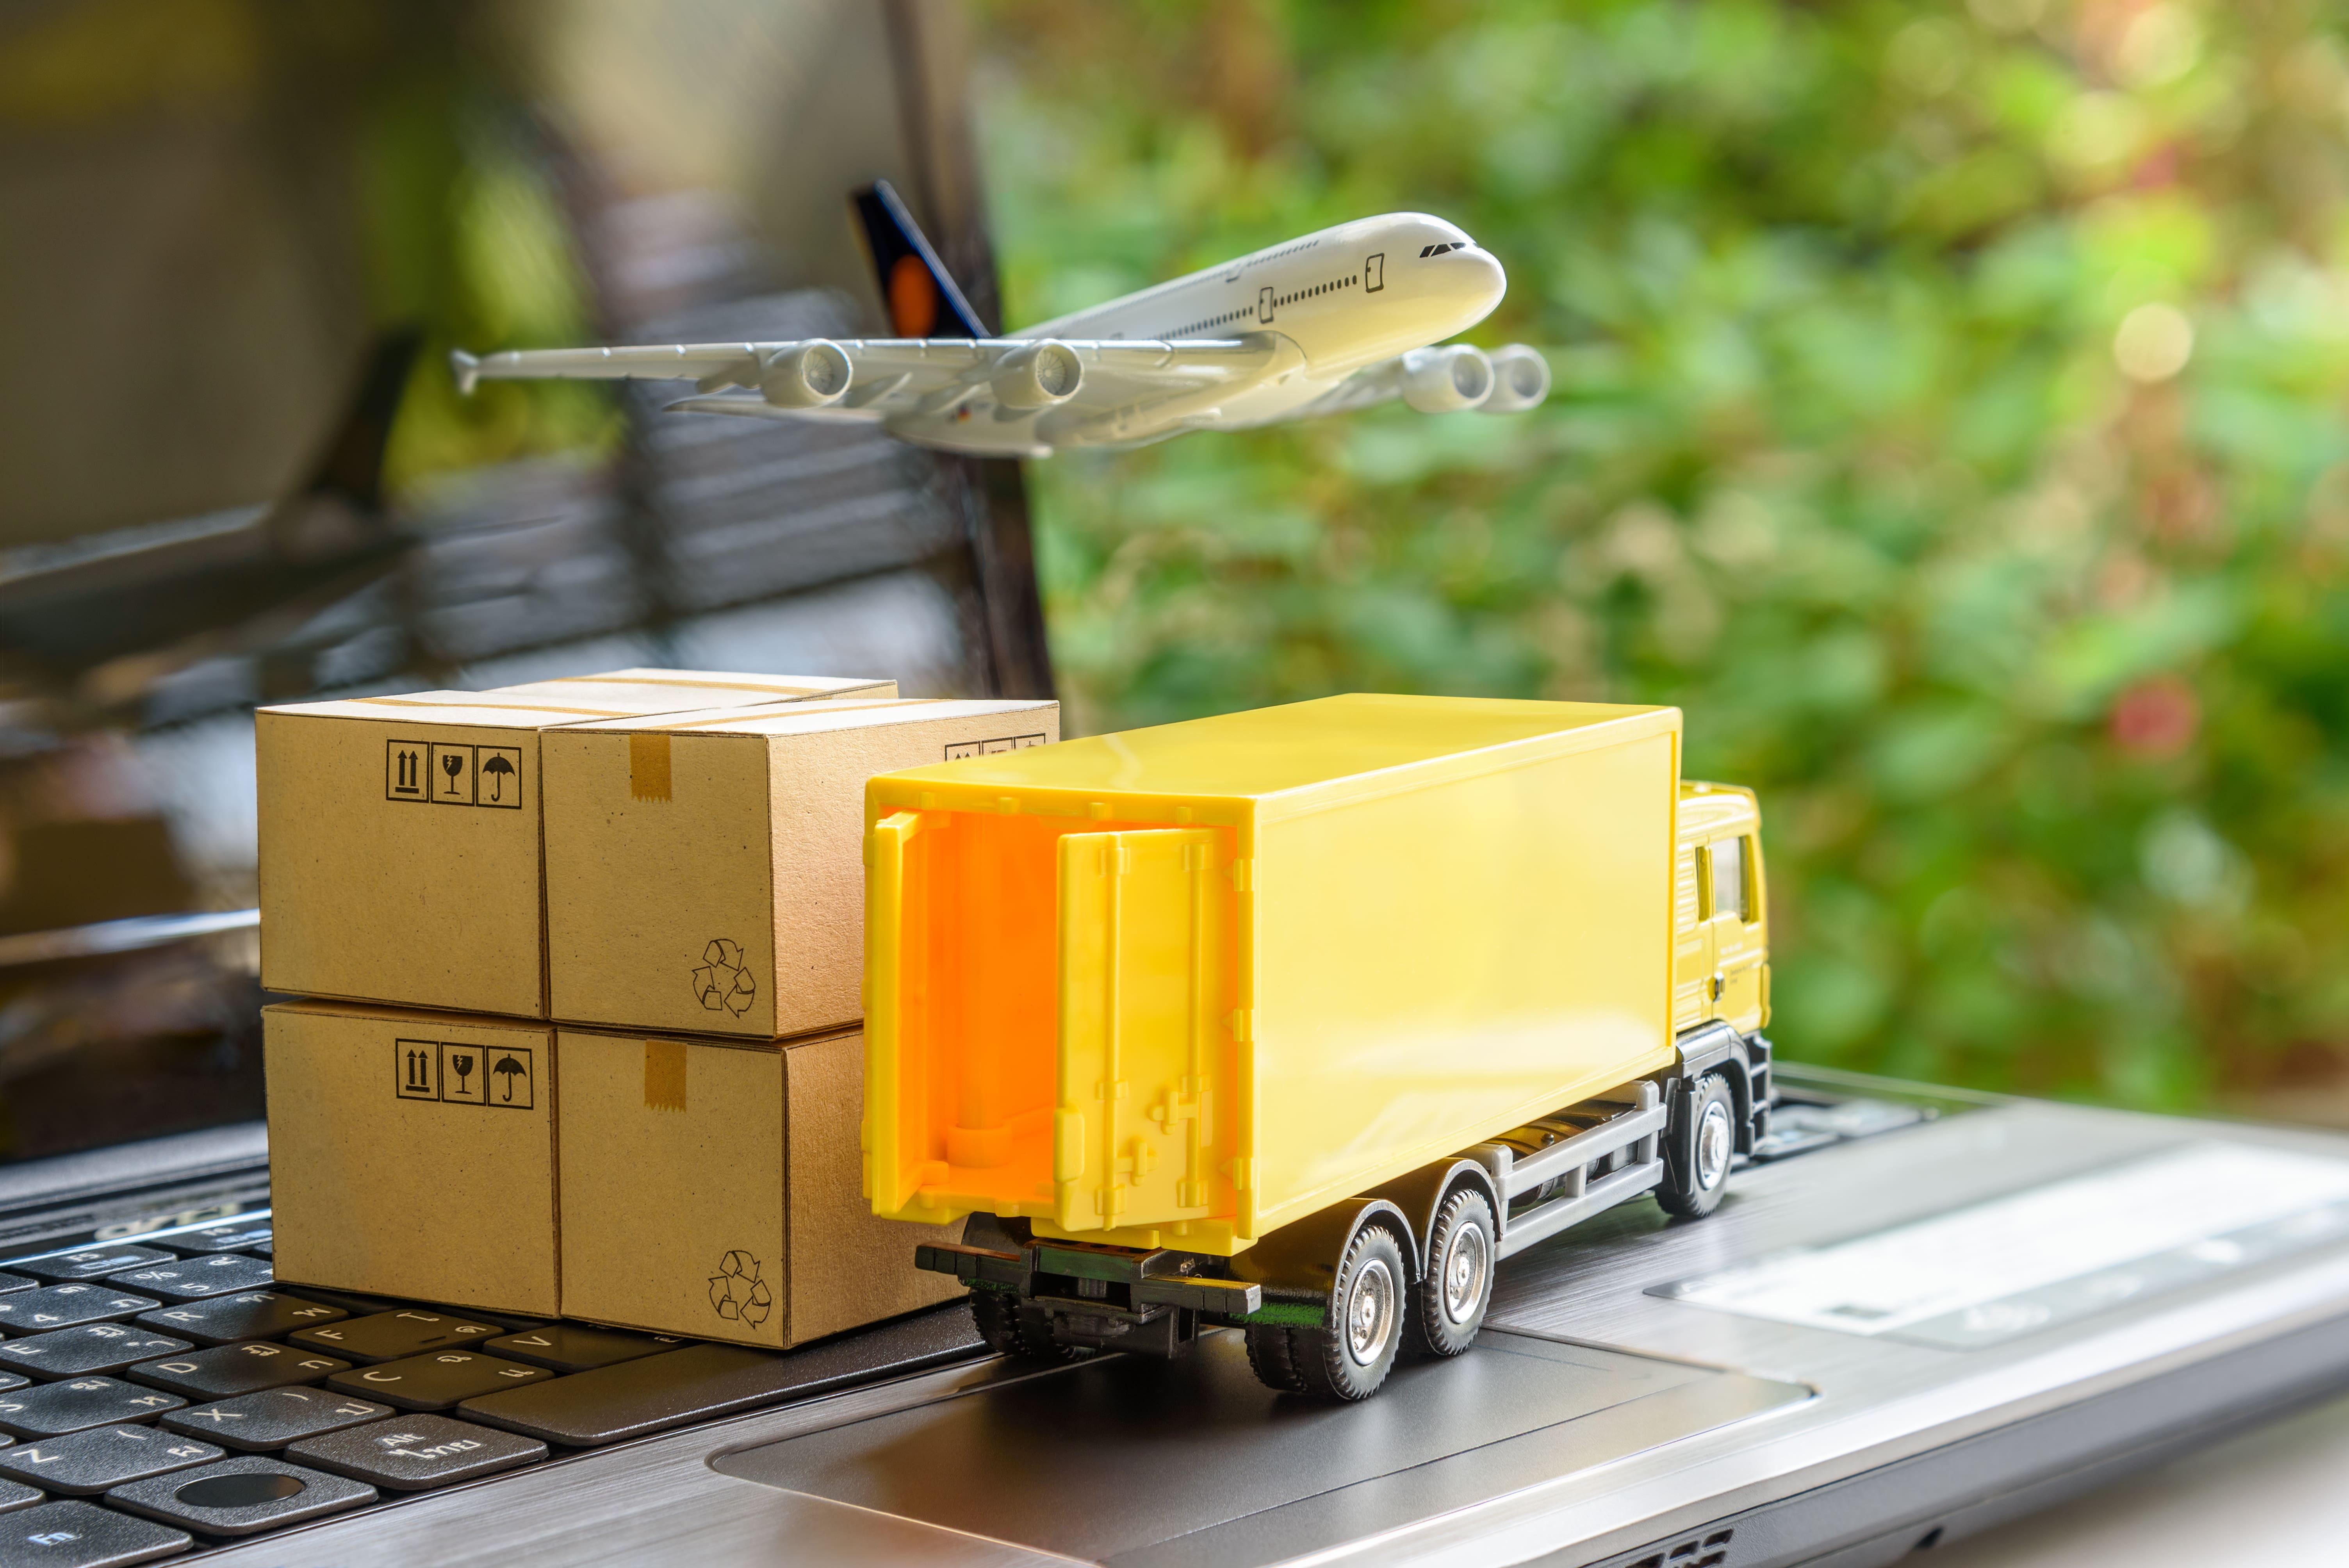 Lieferungsarten: Kleines Lieferfahrzeug, Stapel Pakete und kleines Flugzeug stehen auf der Laptop-Tastatur.